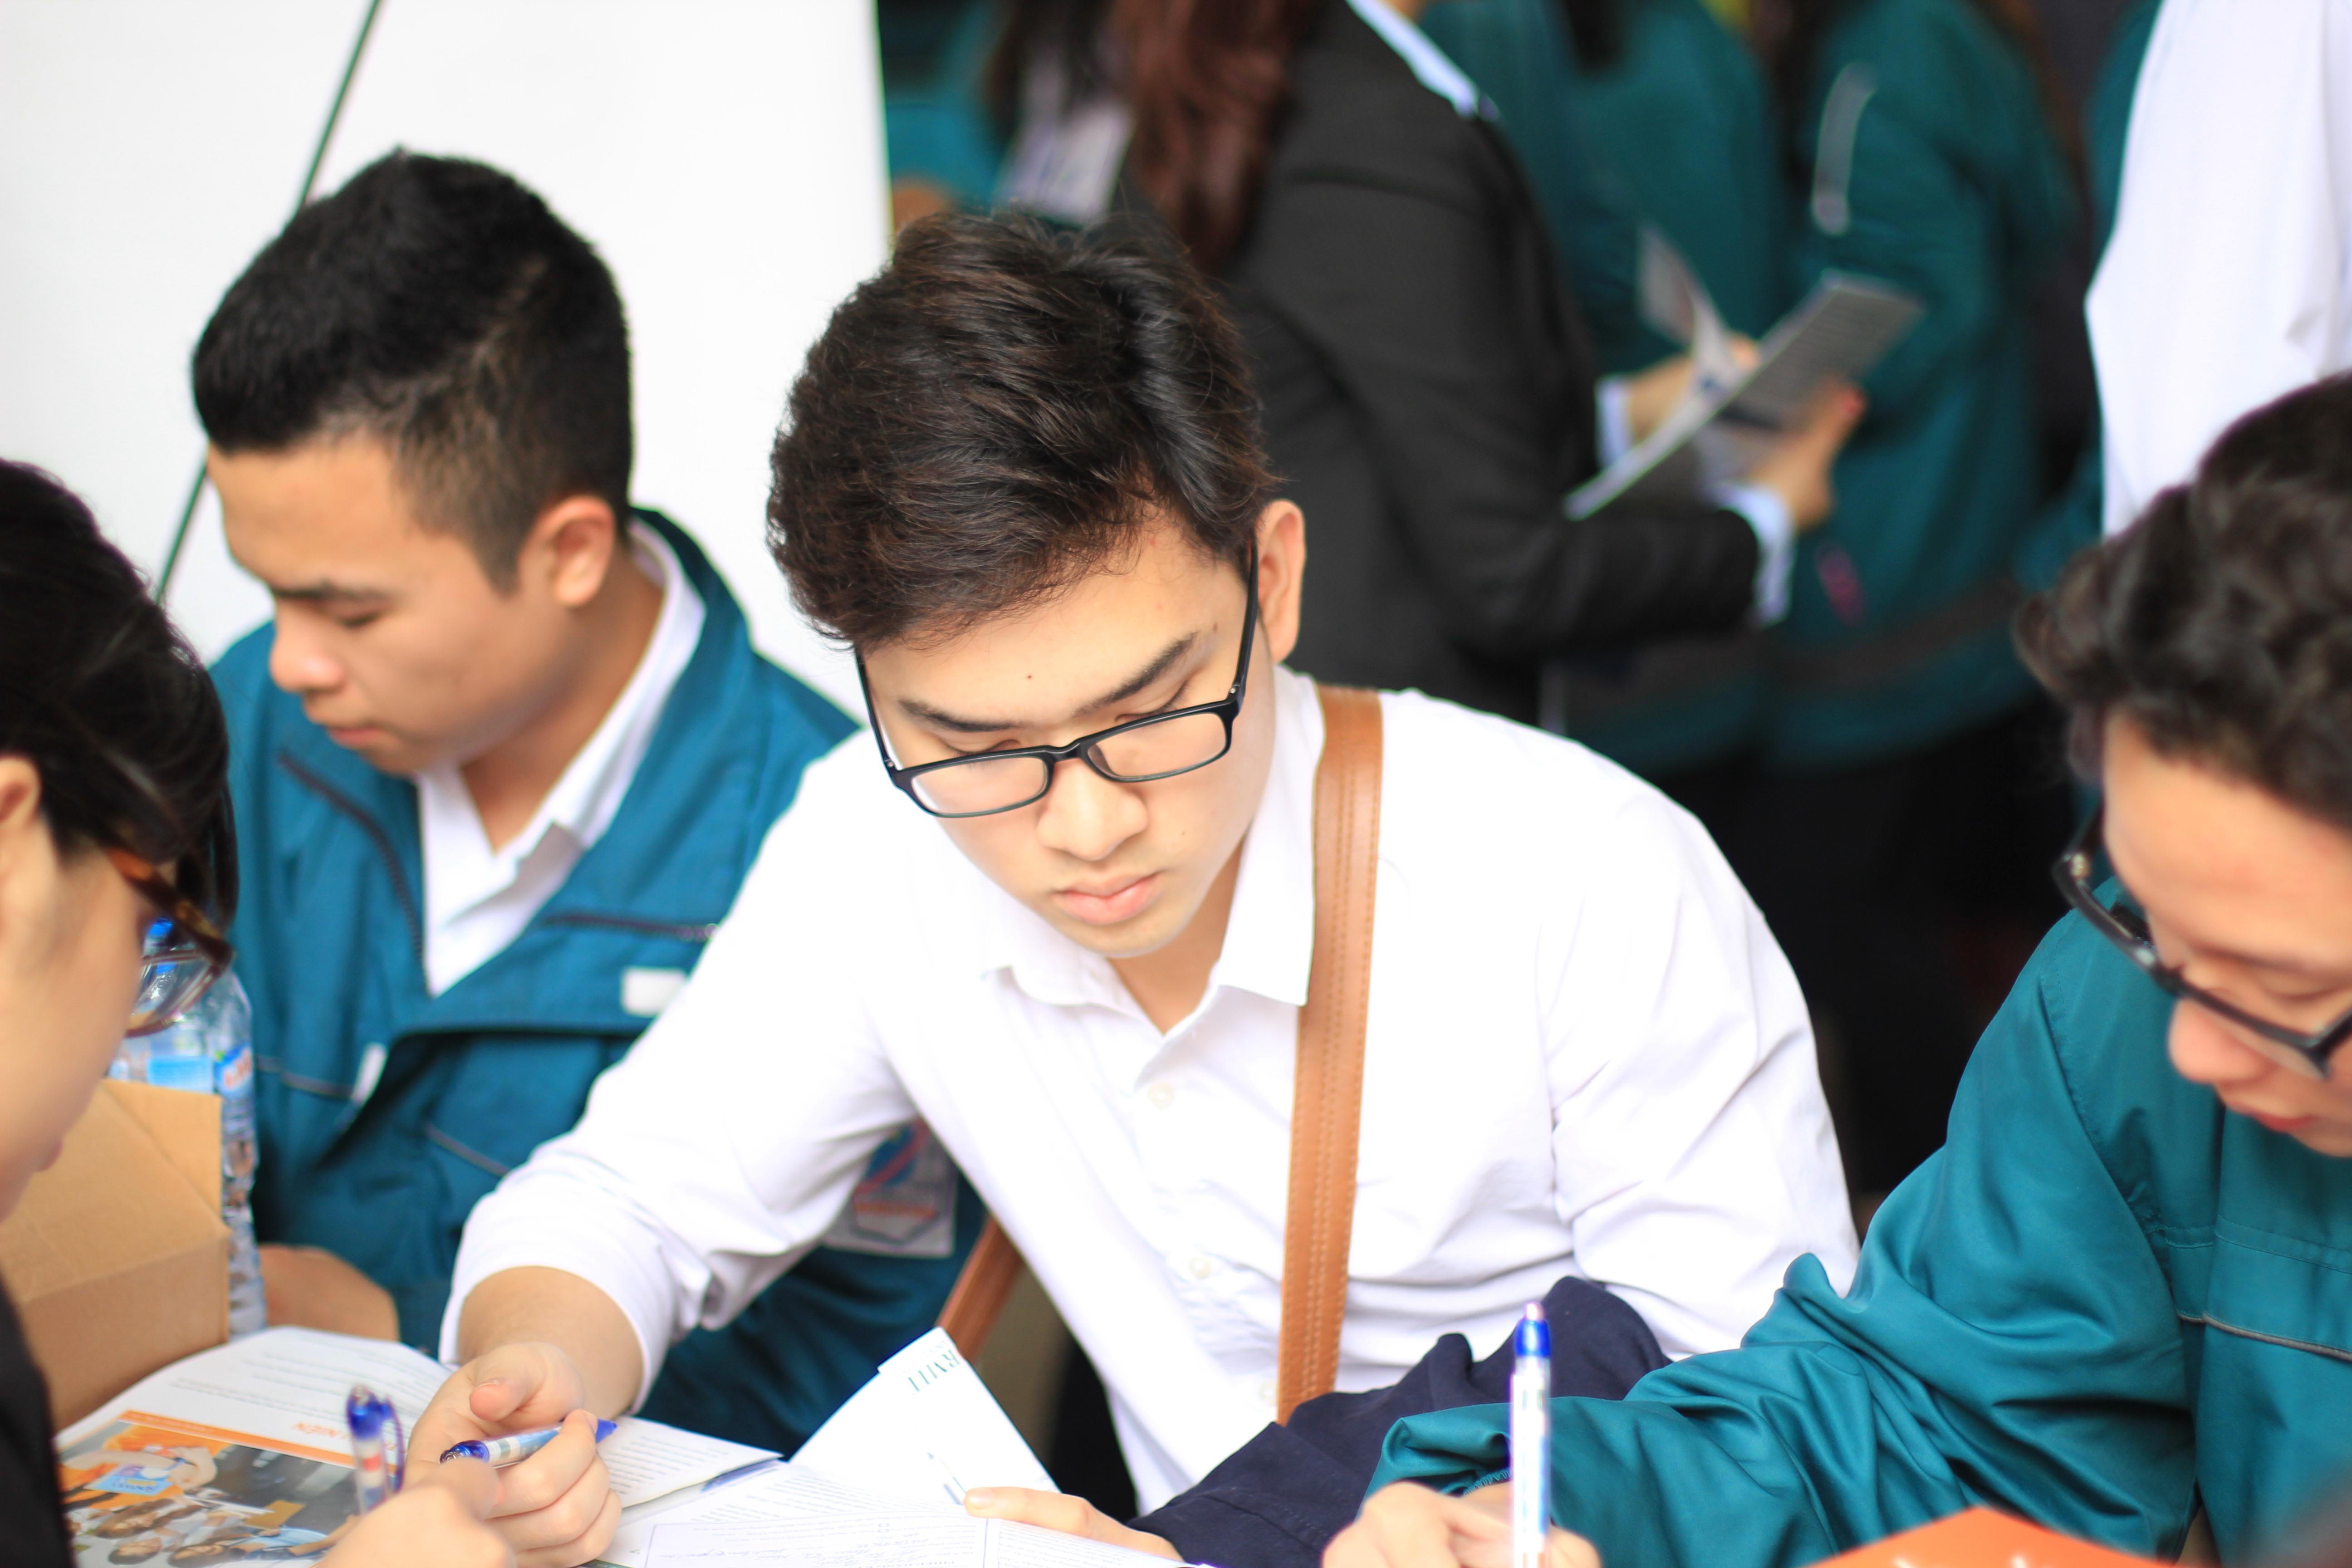 Danh sách chứng chỉ miễn thi Ngoại ngữ trong xét tốt nghiệp THPT